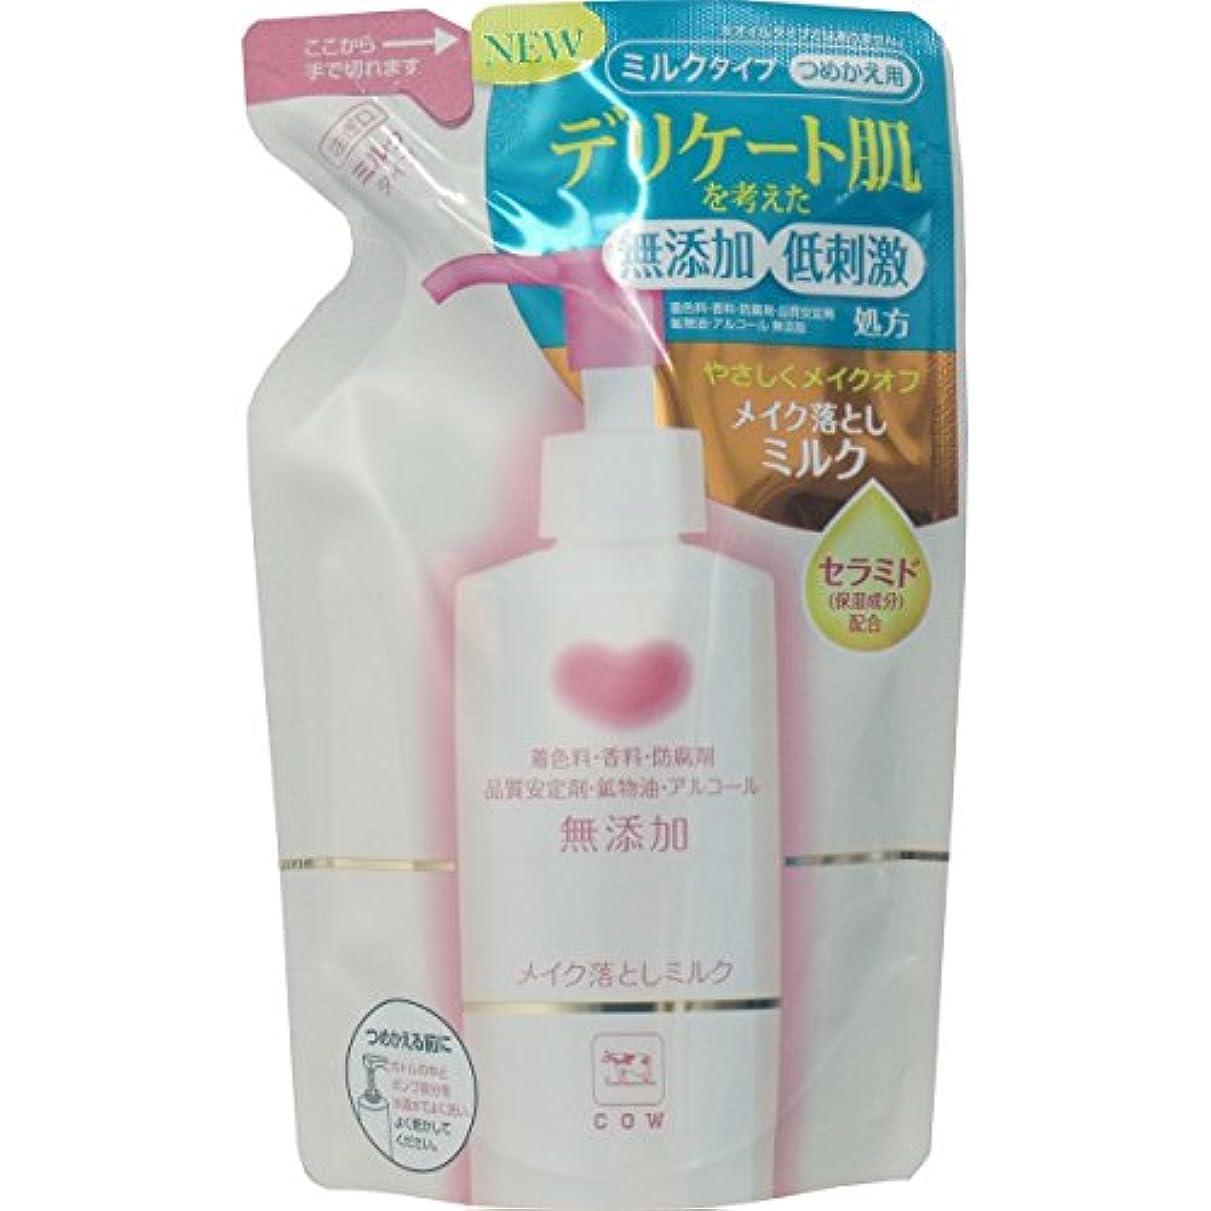 弾丸近代化系統的【牛乳石鹸共進社】カウ無添加 メイク落としミルク つめかえ用 130ml ×3個セット